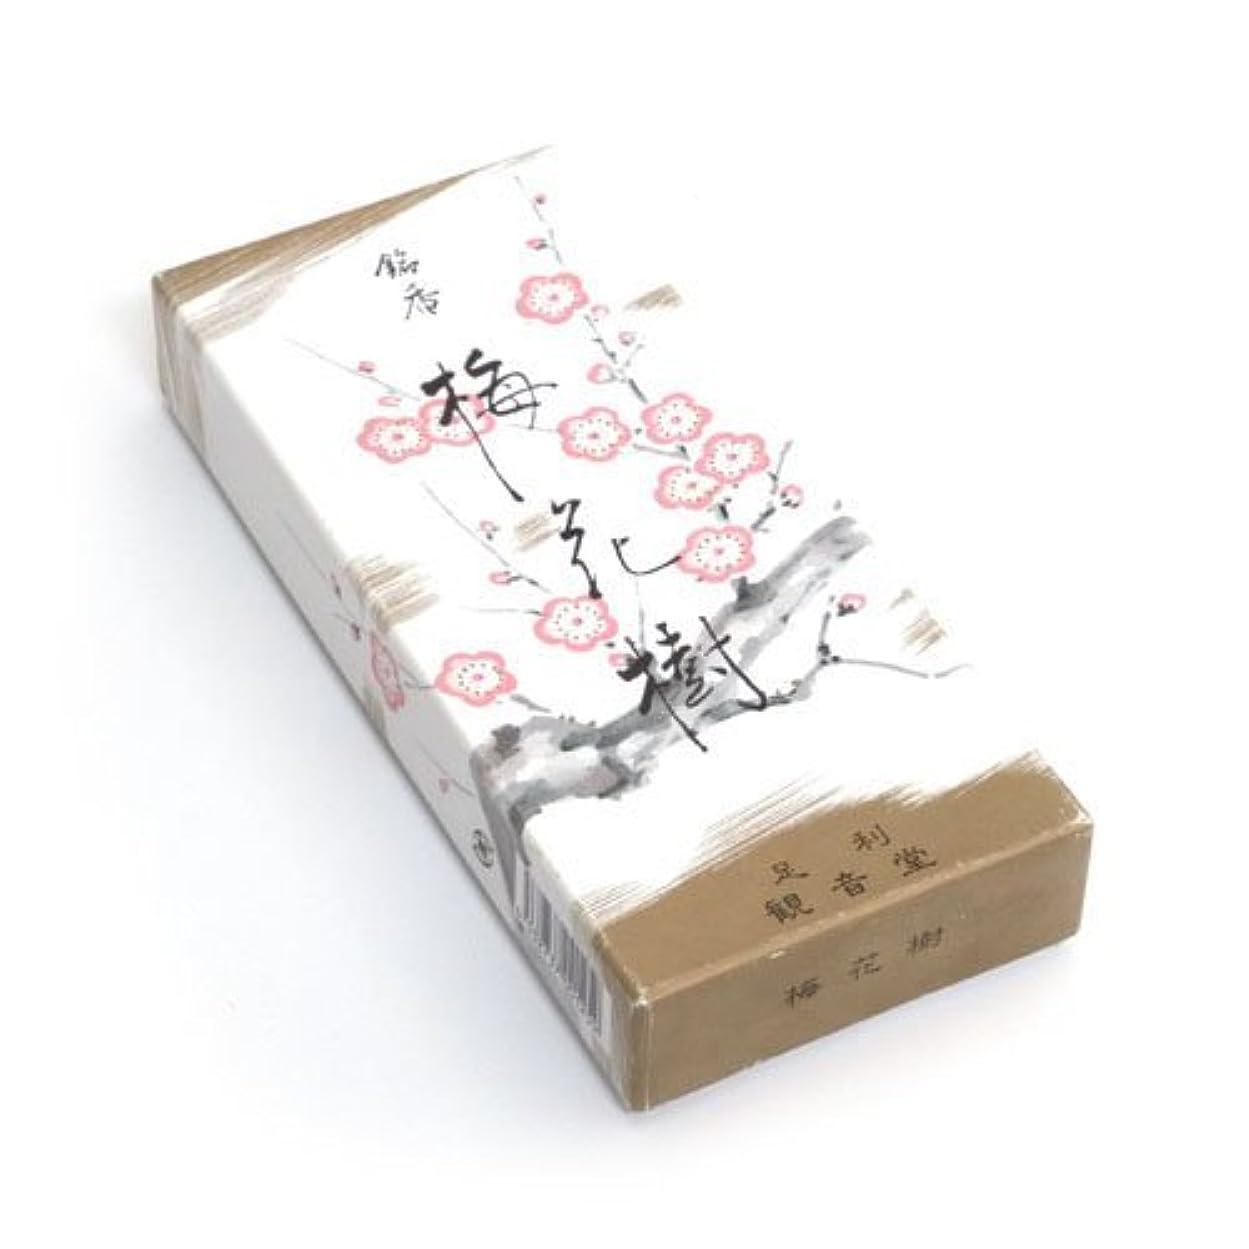 大破ドキドキギャンブルShoyeido 's Plum Blossoms Incense、150 sticks – baika-ju